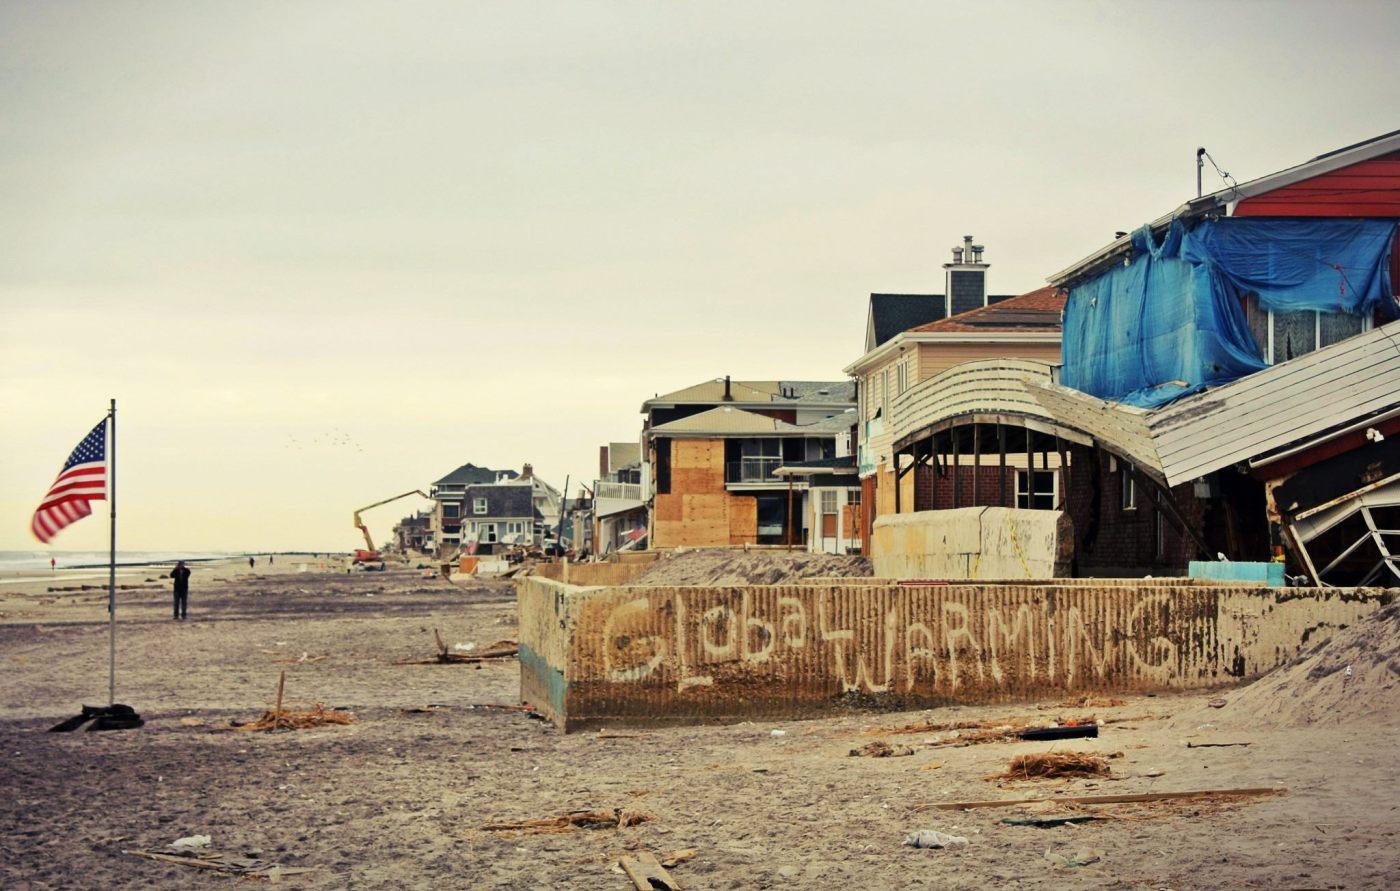 November 19th, 2012: Along the beach in the Rockaways, NY.